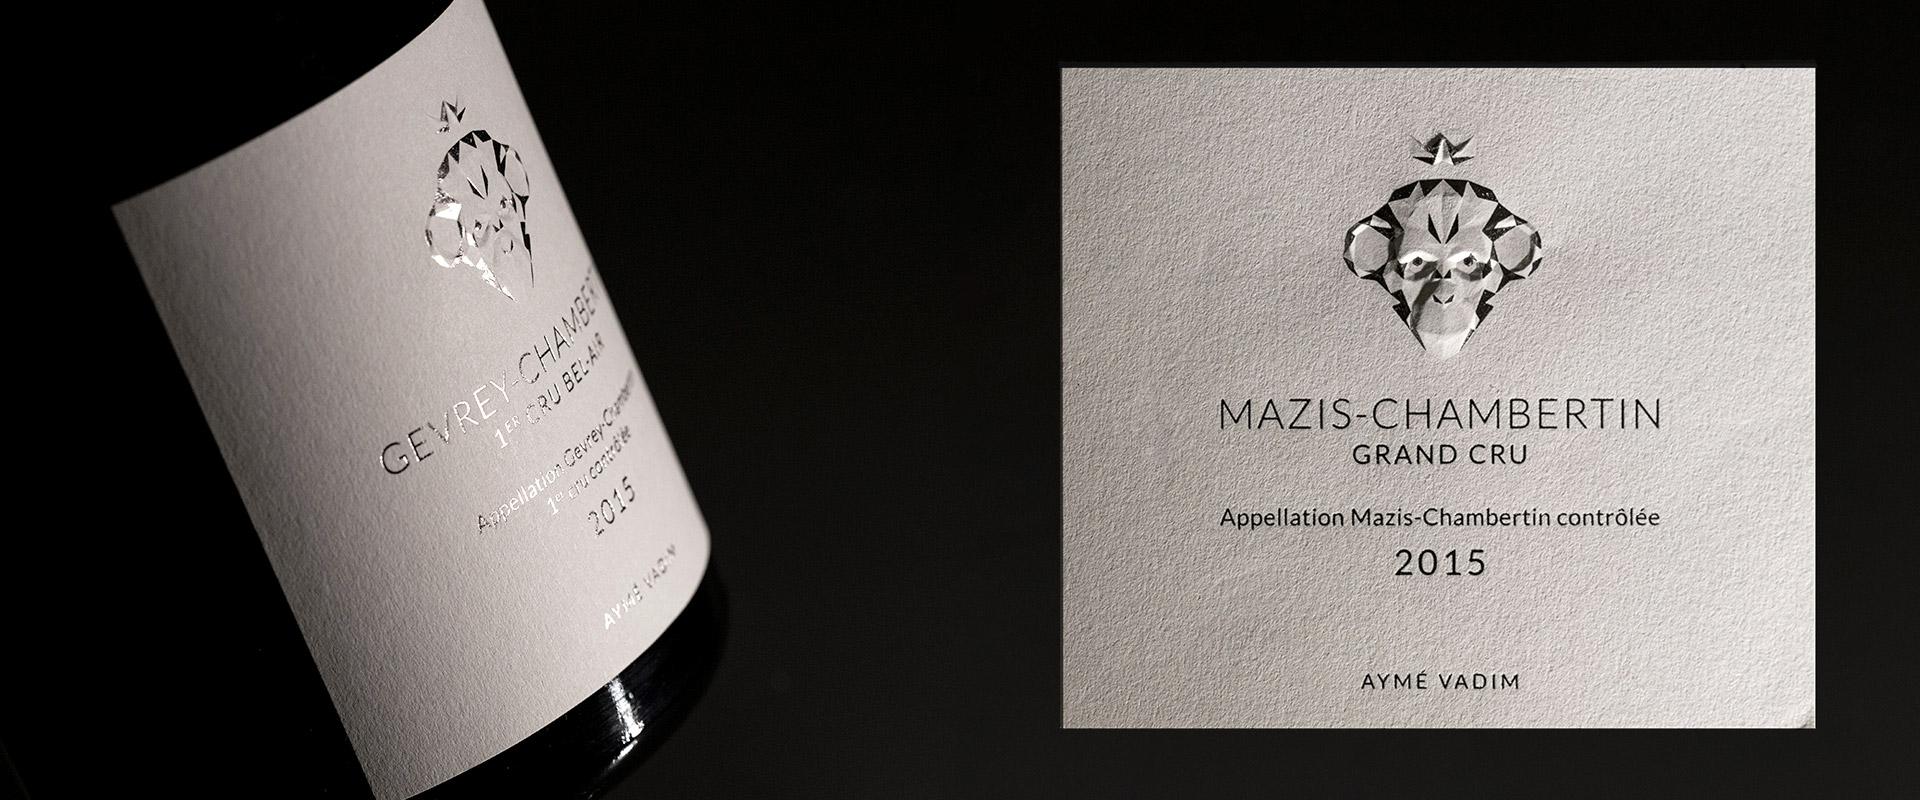 Aymé Vadim Epok design étiquette vin graphisme gaufrage 3D